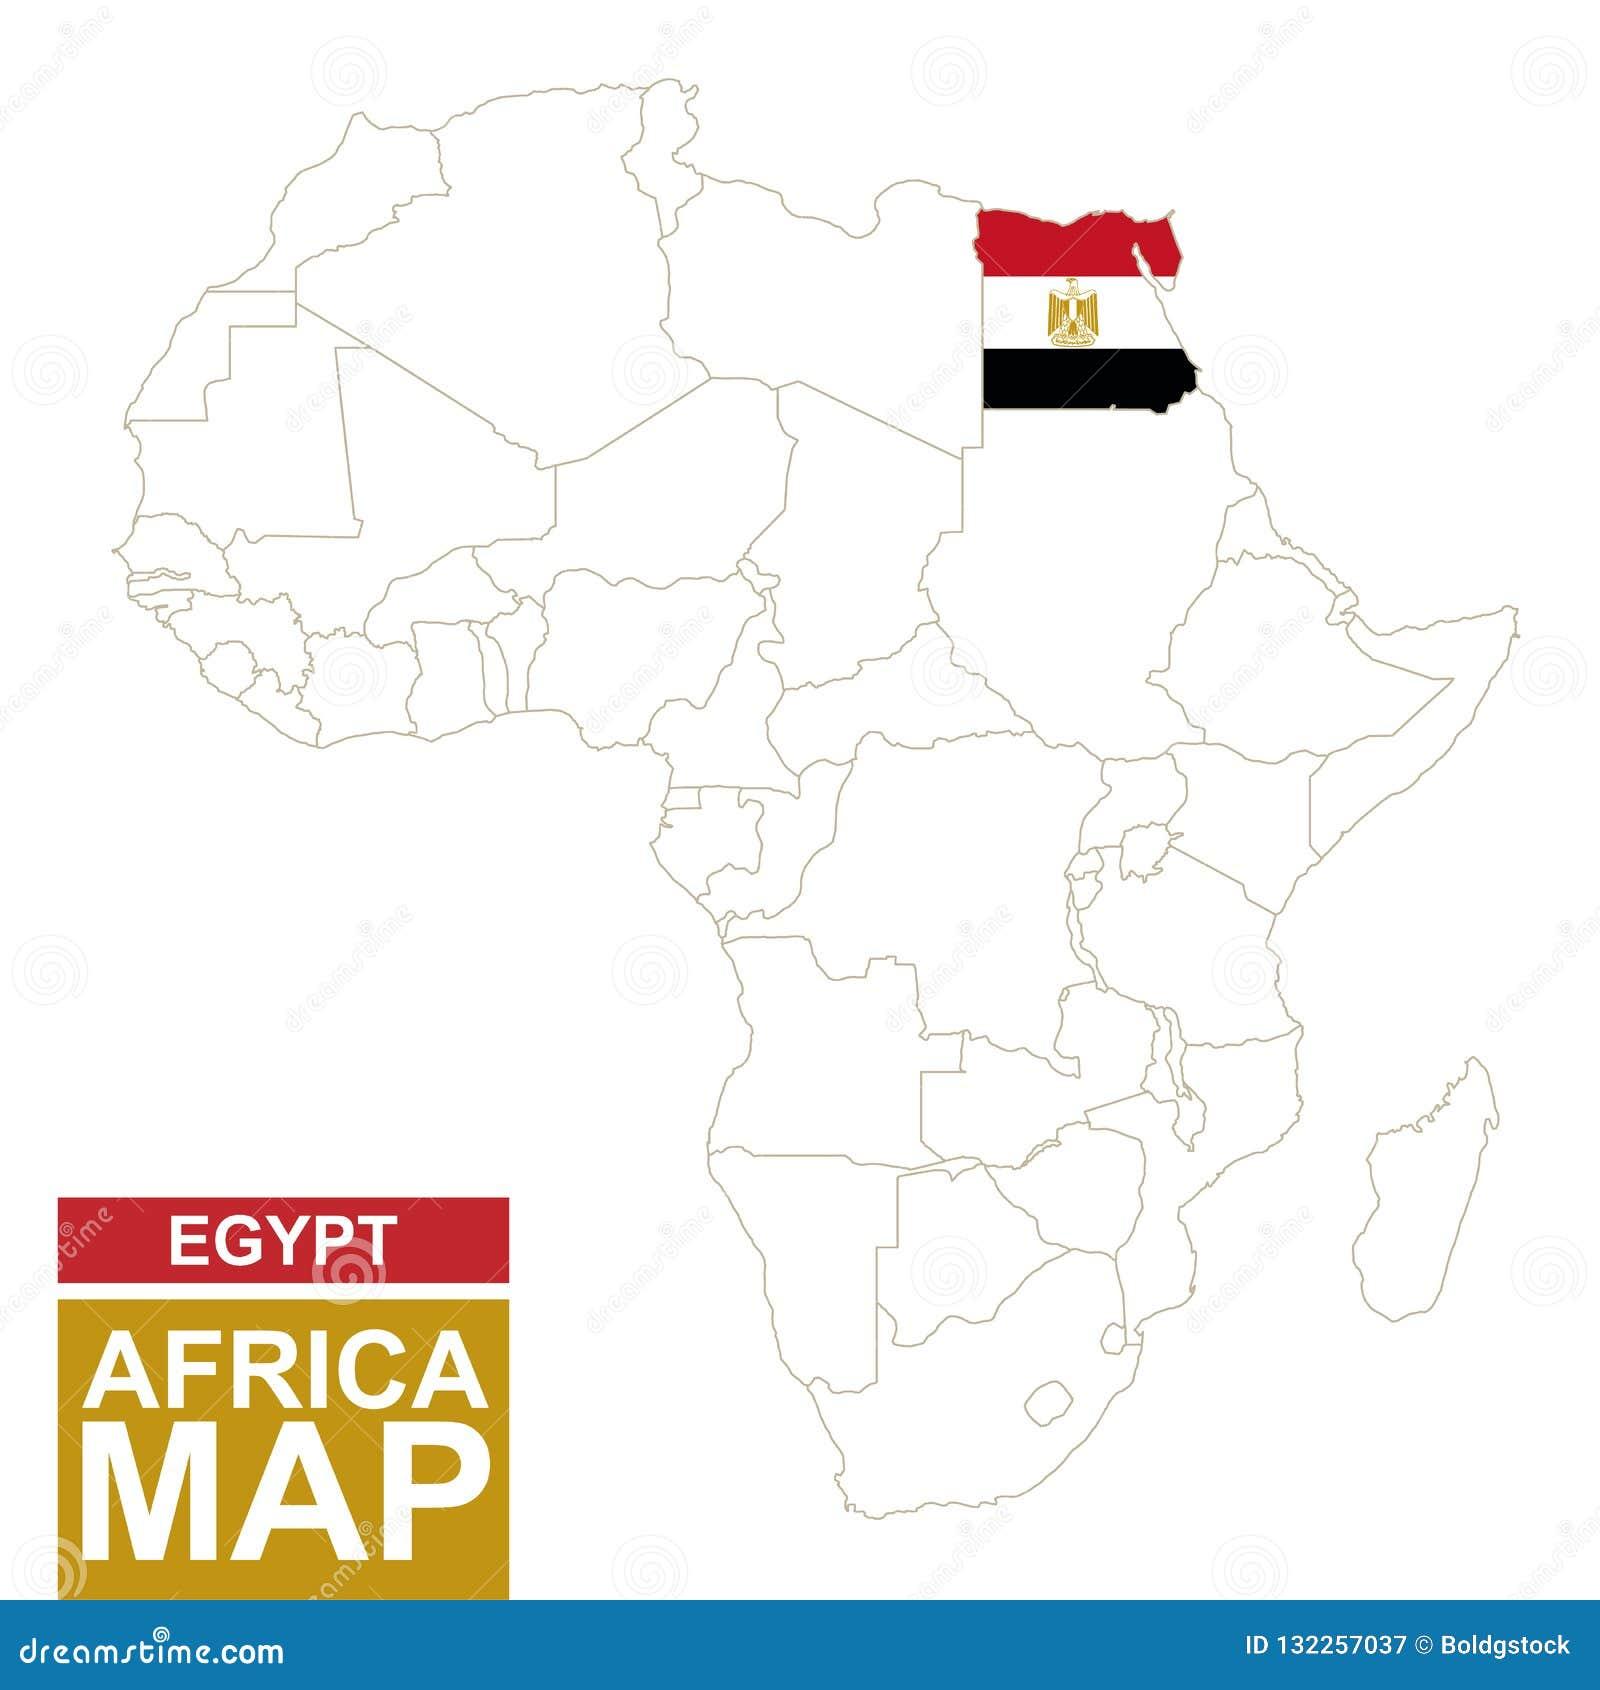 Cartina Africa Egitto.L Africa Ha Contornato La Mappa Con L Egitto Evidenziato Illustrazione Vettoriale Illustrazione Di Bandierina Algeria 132257037